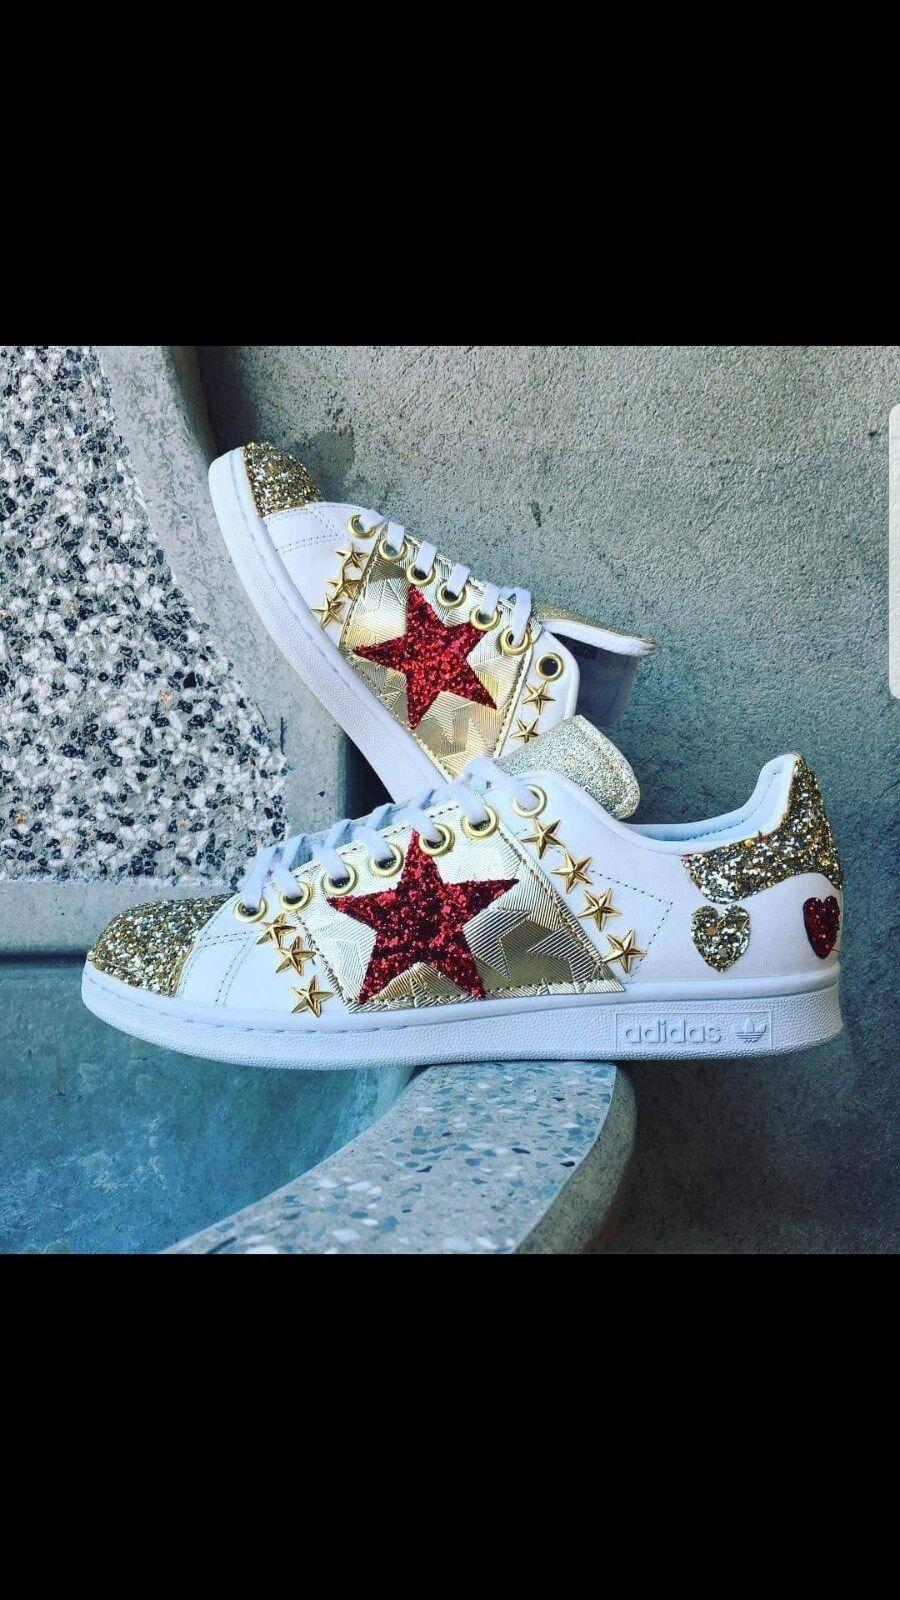 zapatos adidas glitter stan smith  con glitter adidas e borchie a stella a7b140